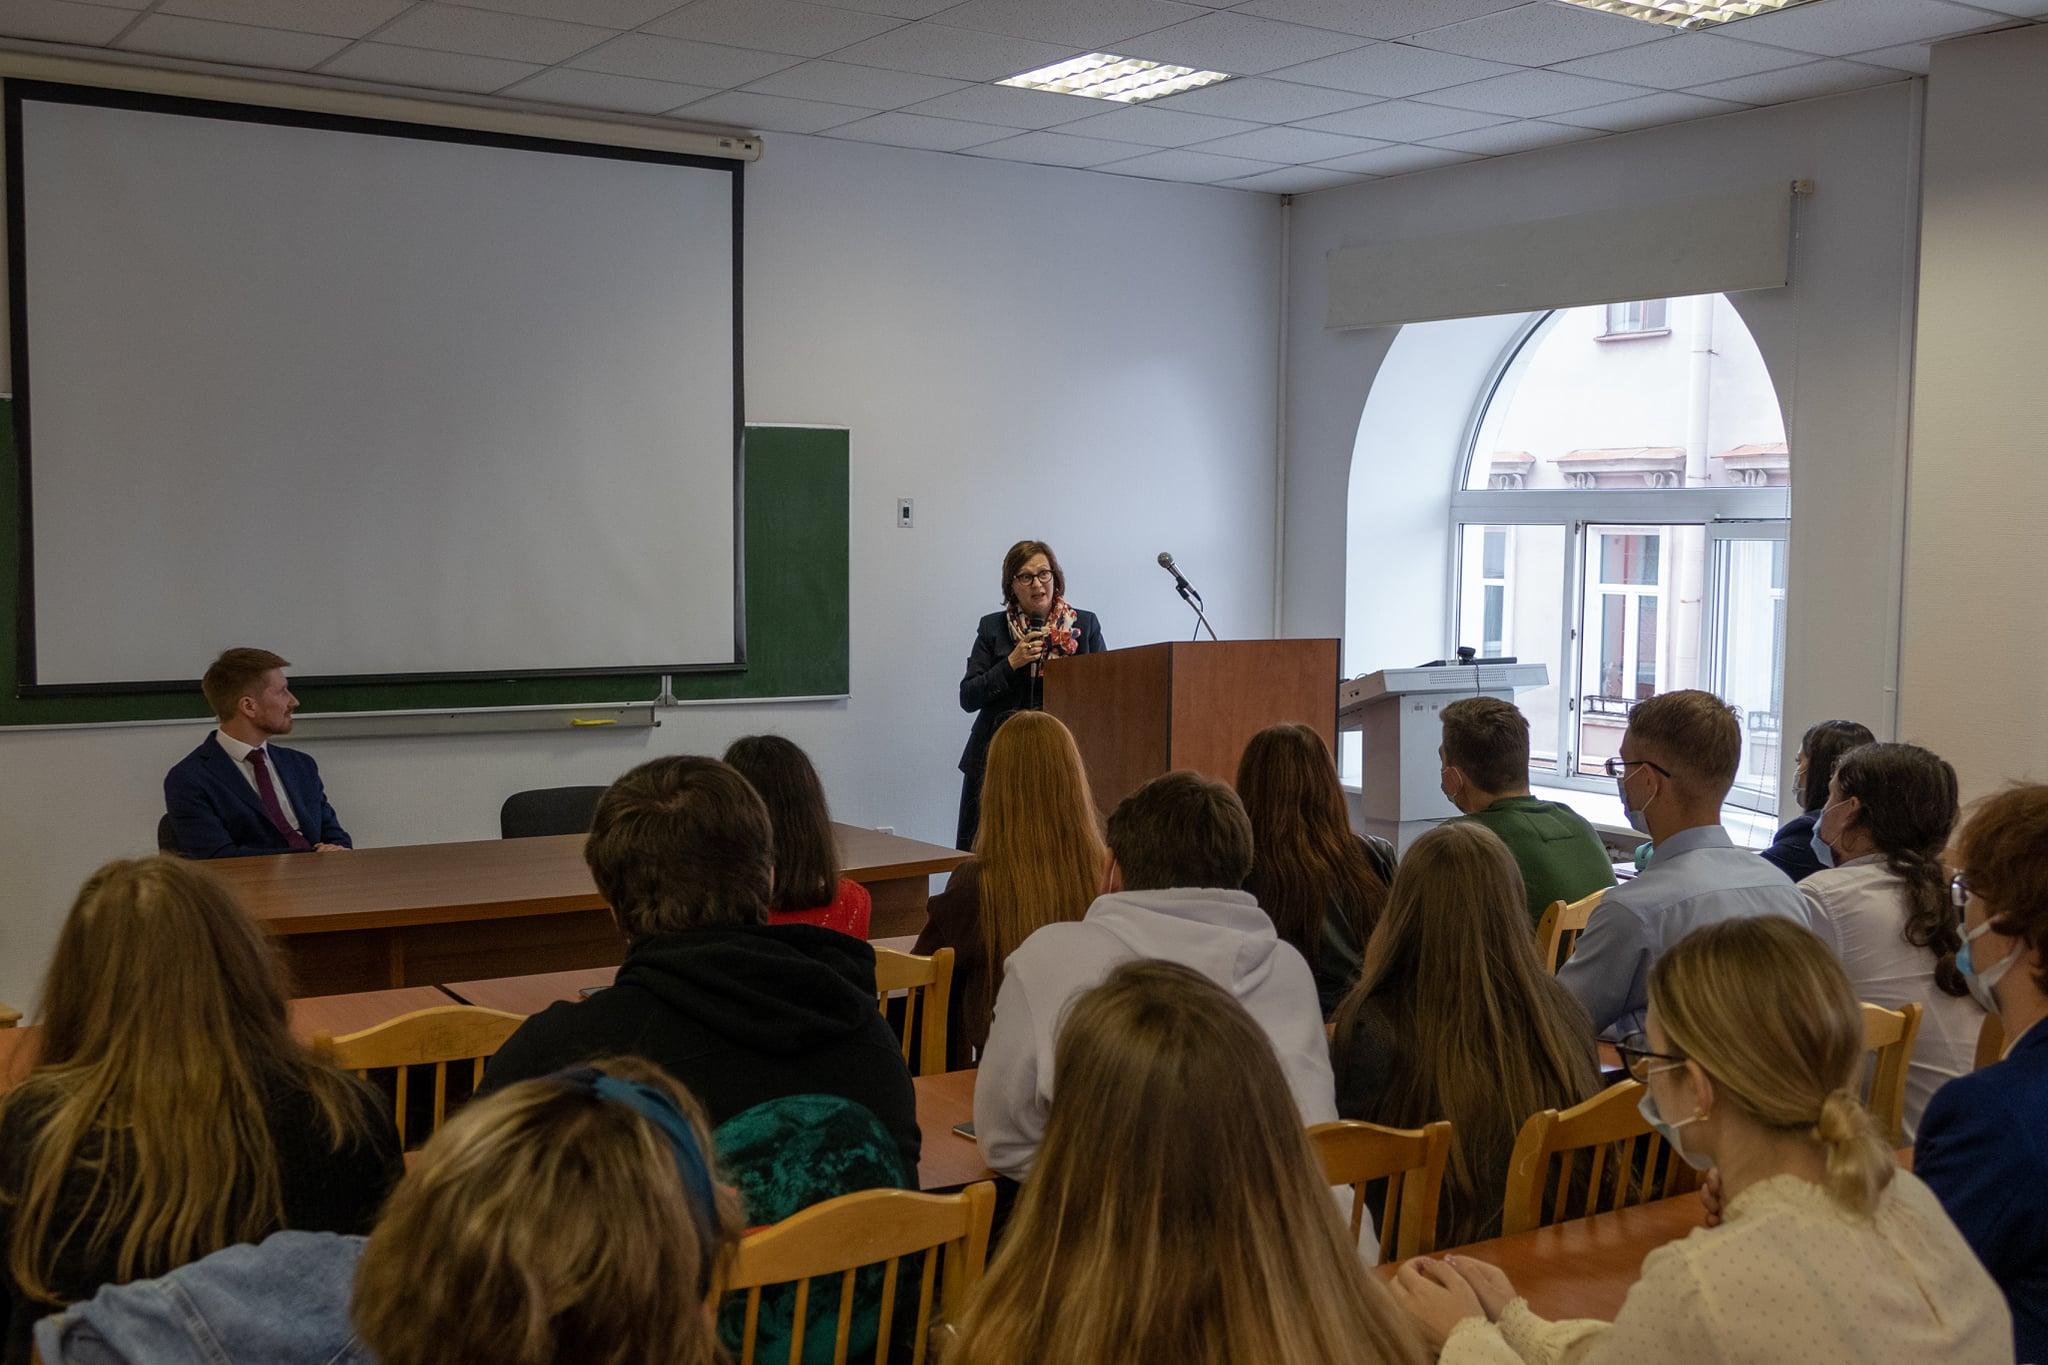 Opiskelijat kuuntelevat luokkahuoneessa pääkonsulin esitystä.